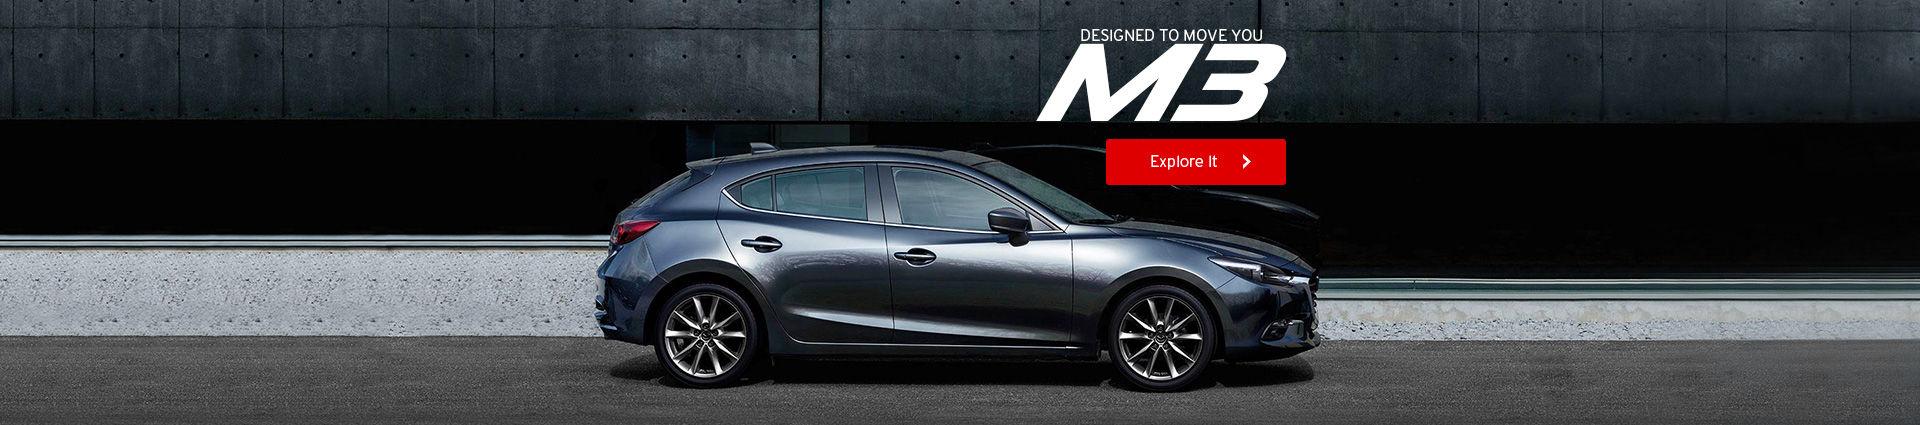 Mazda M3